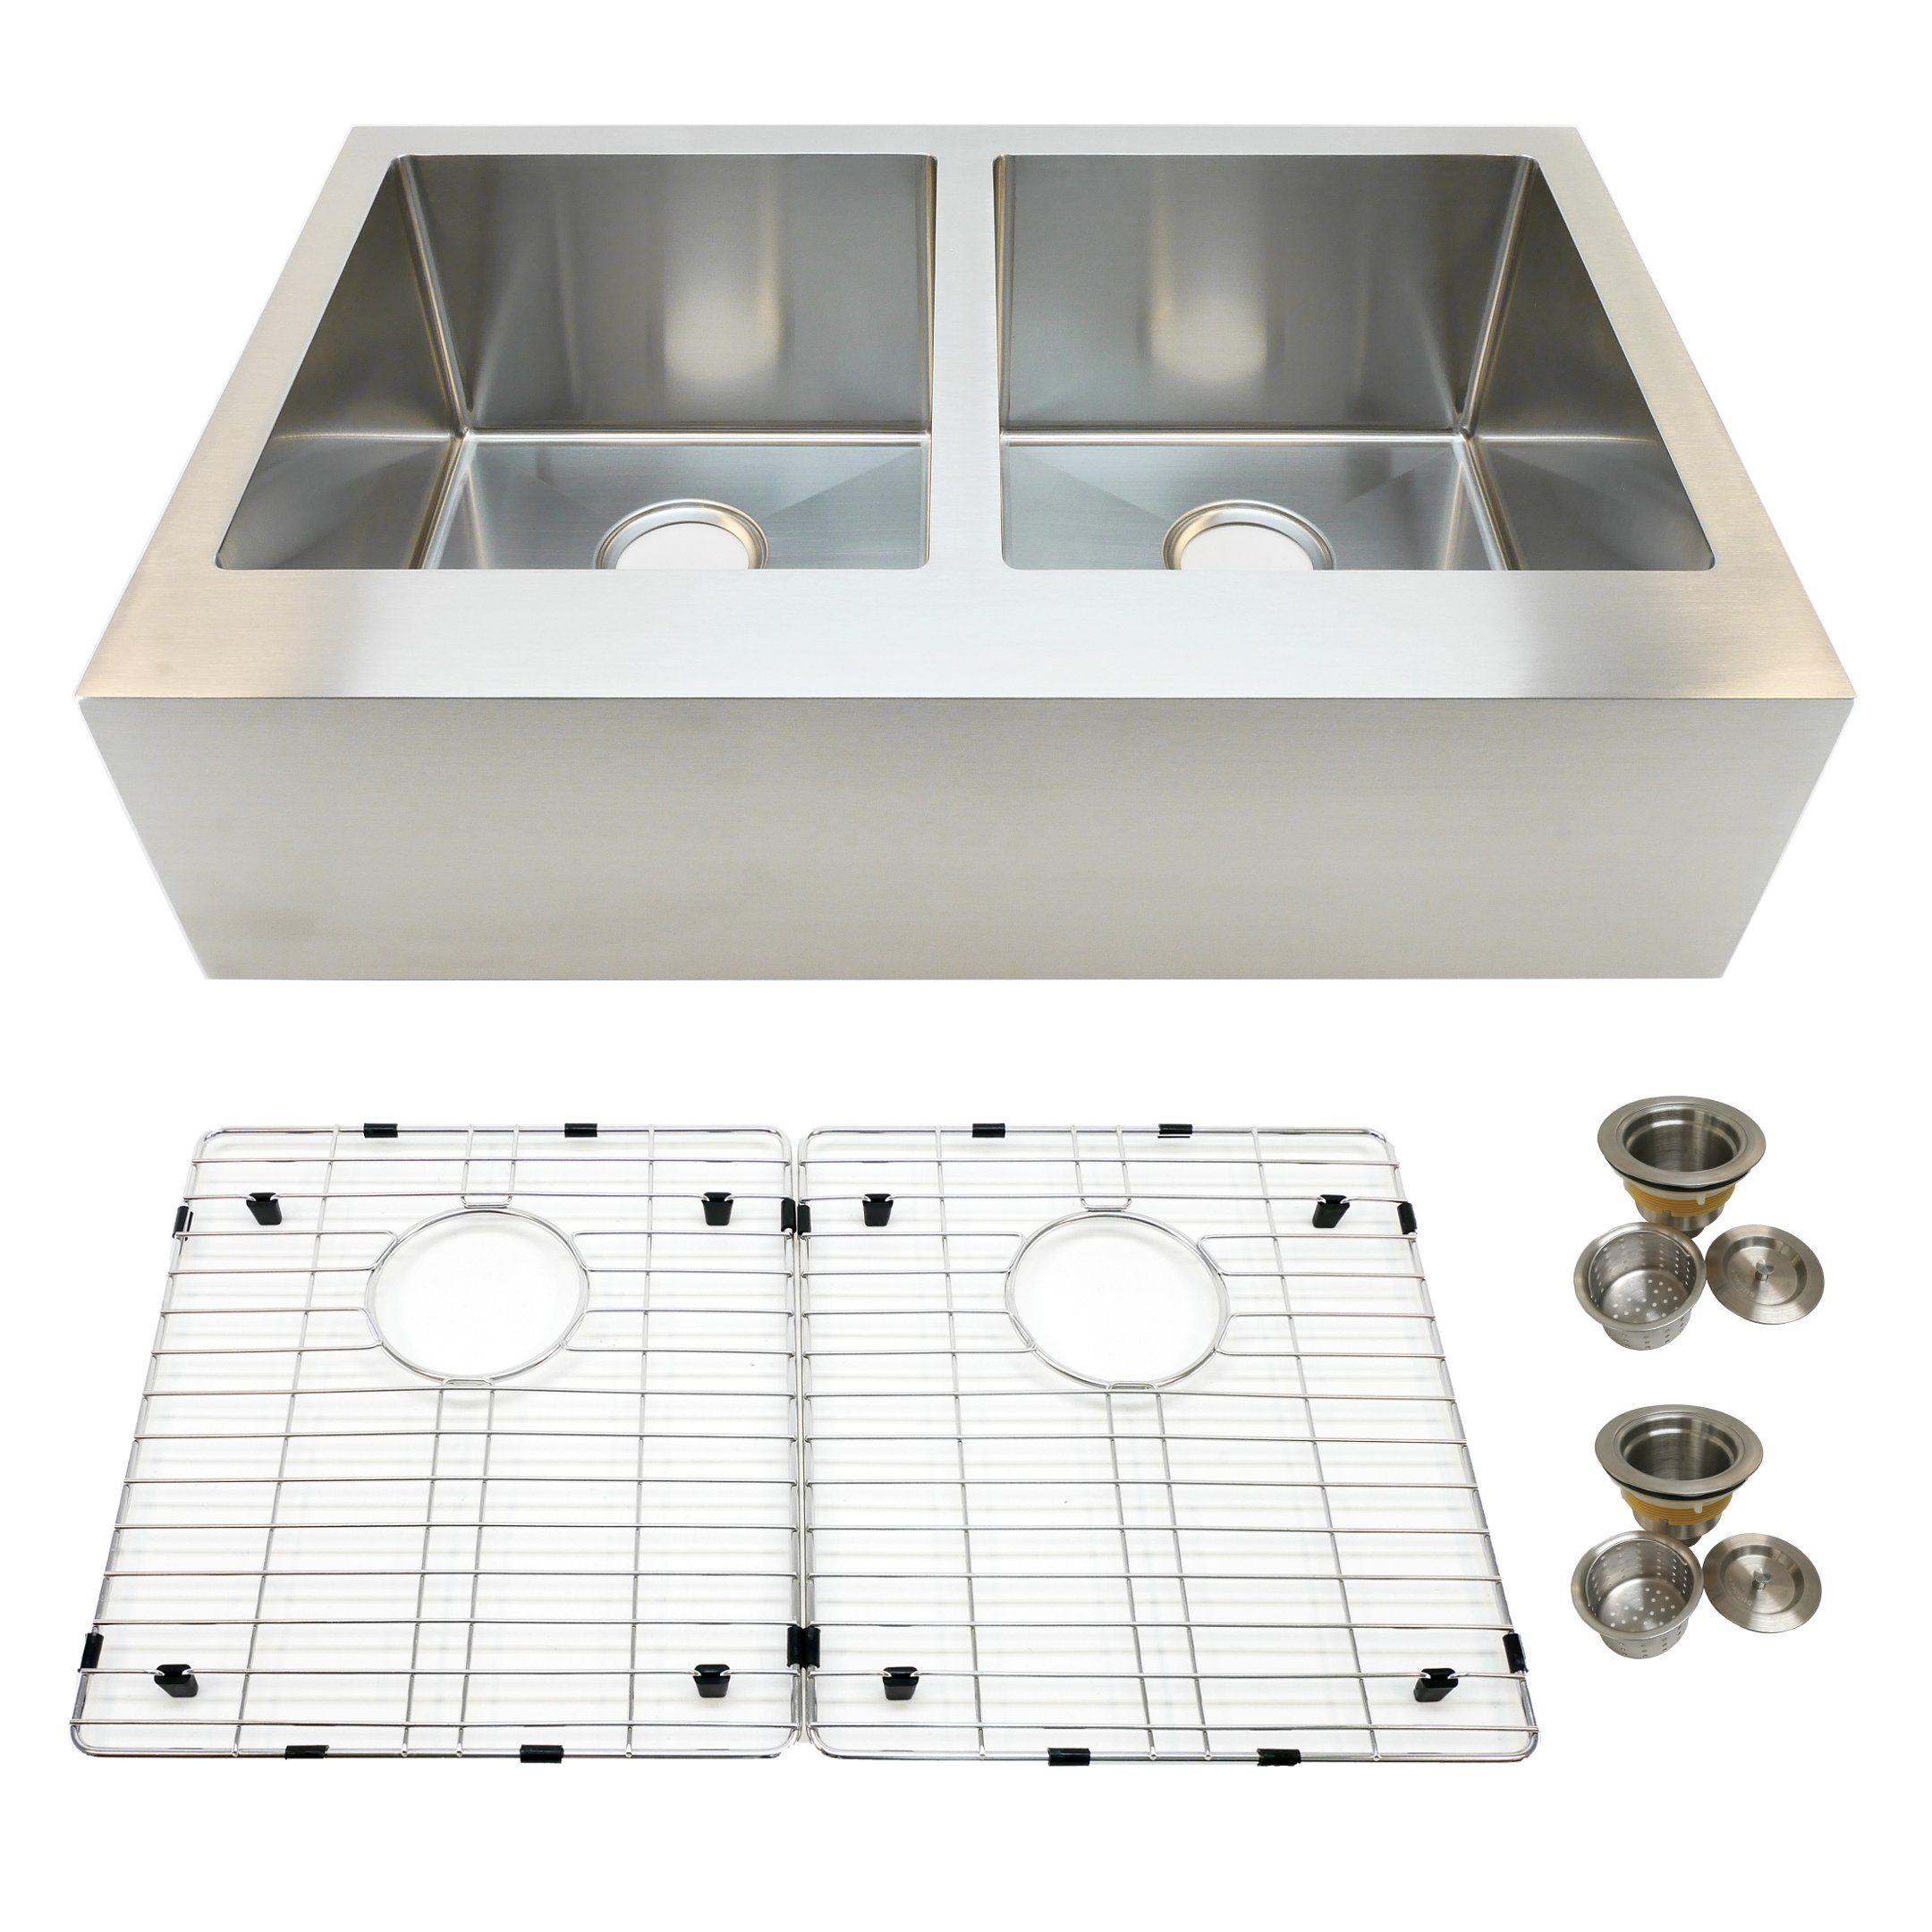 36 Products Bowl Sink Craftsman Bungalow House Plans Basement House Plans